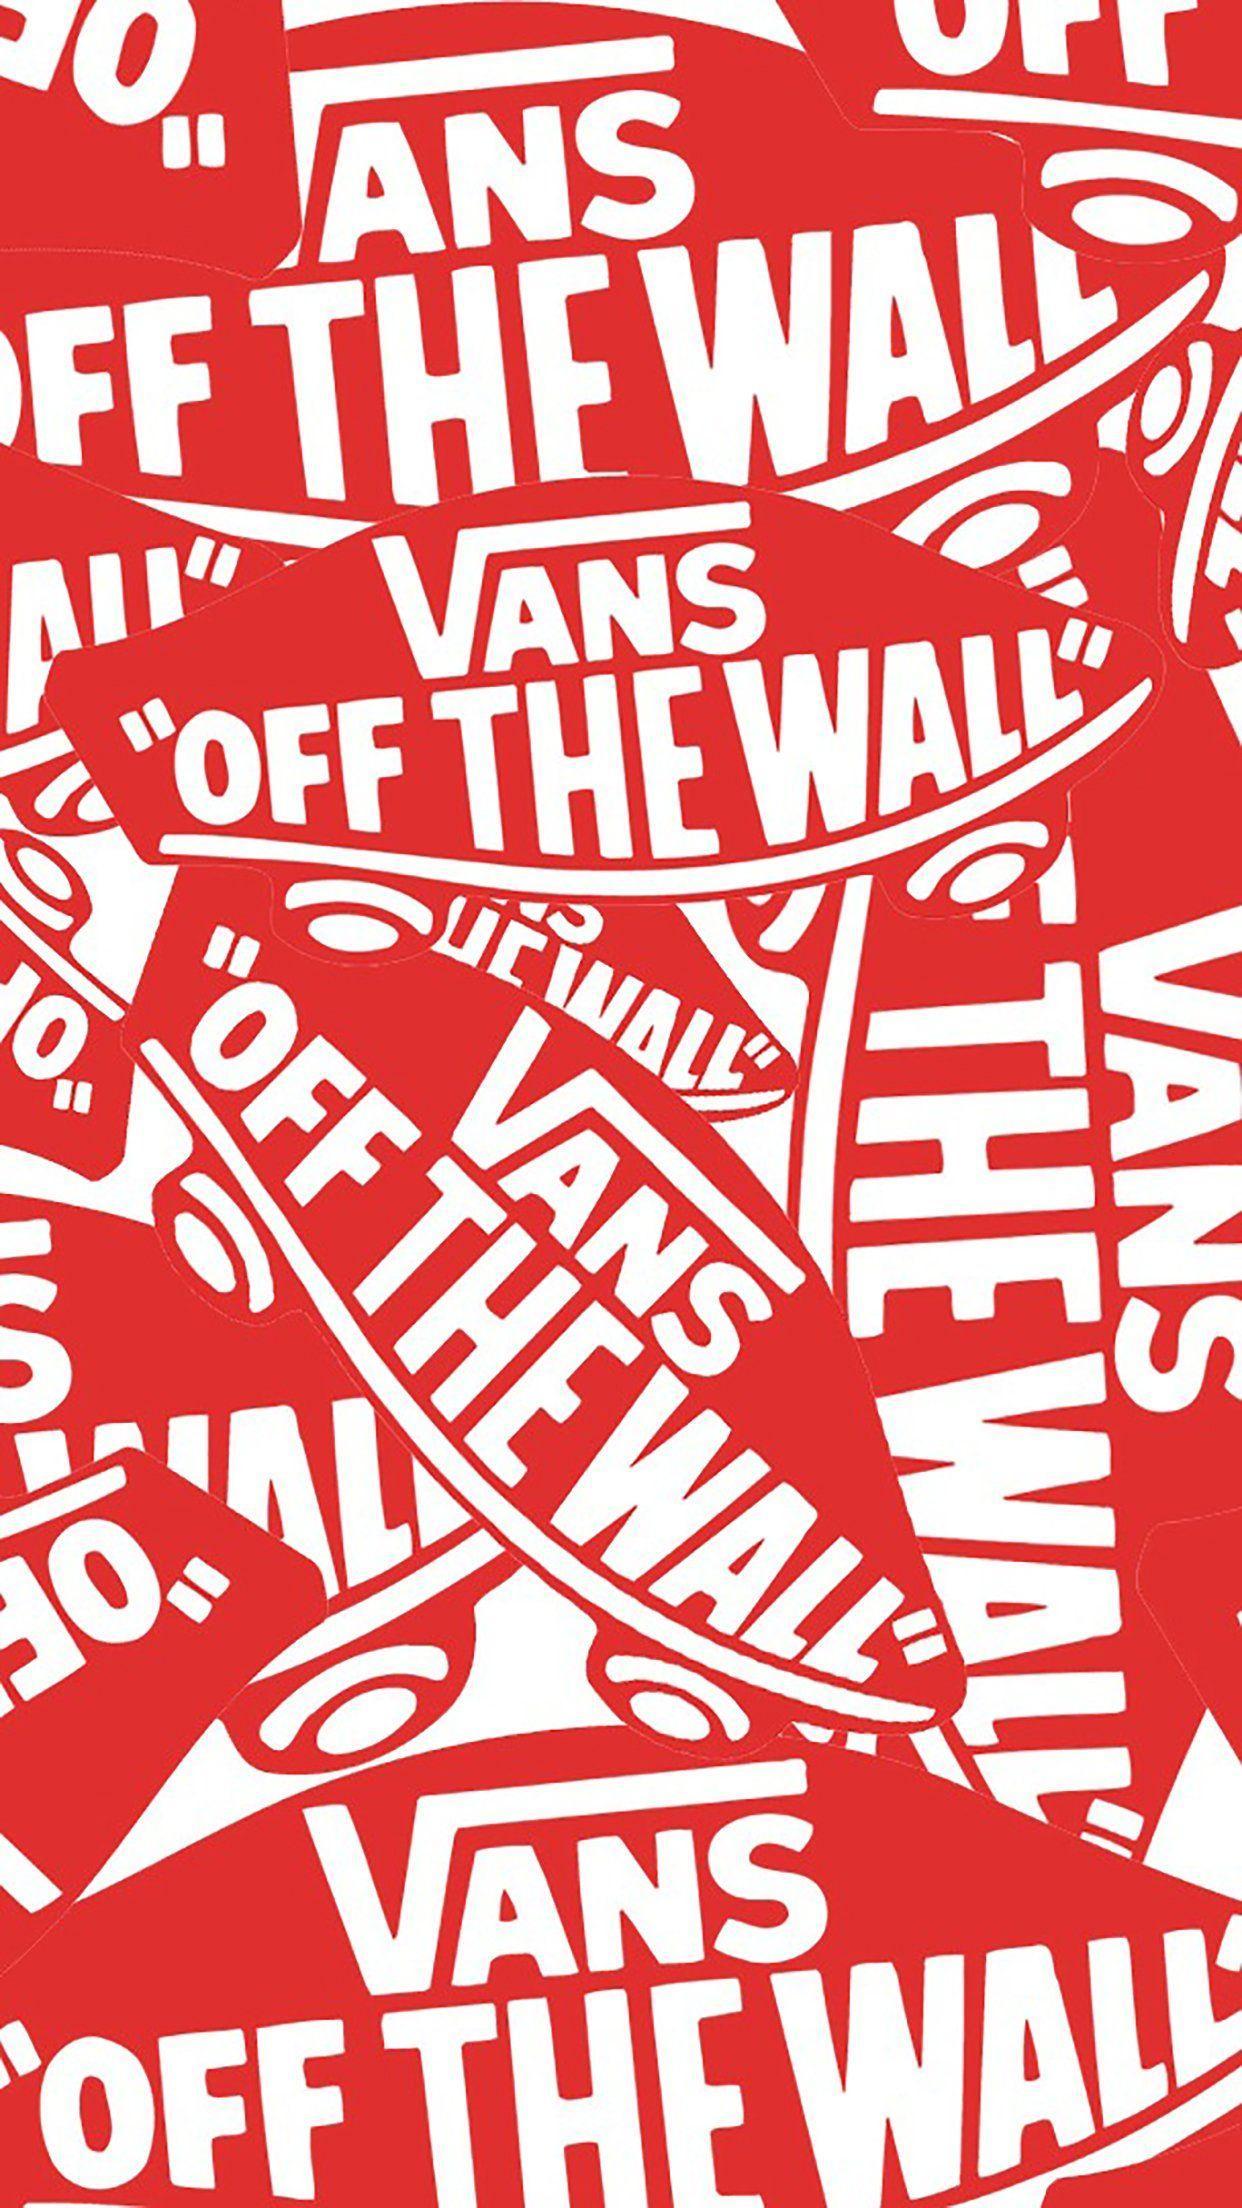 Vans Wallpapers - Top Free Vans